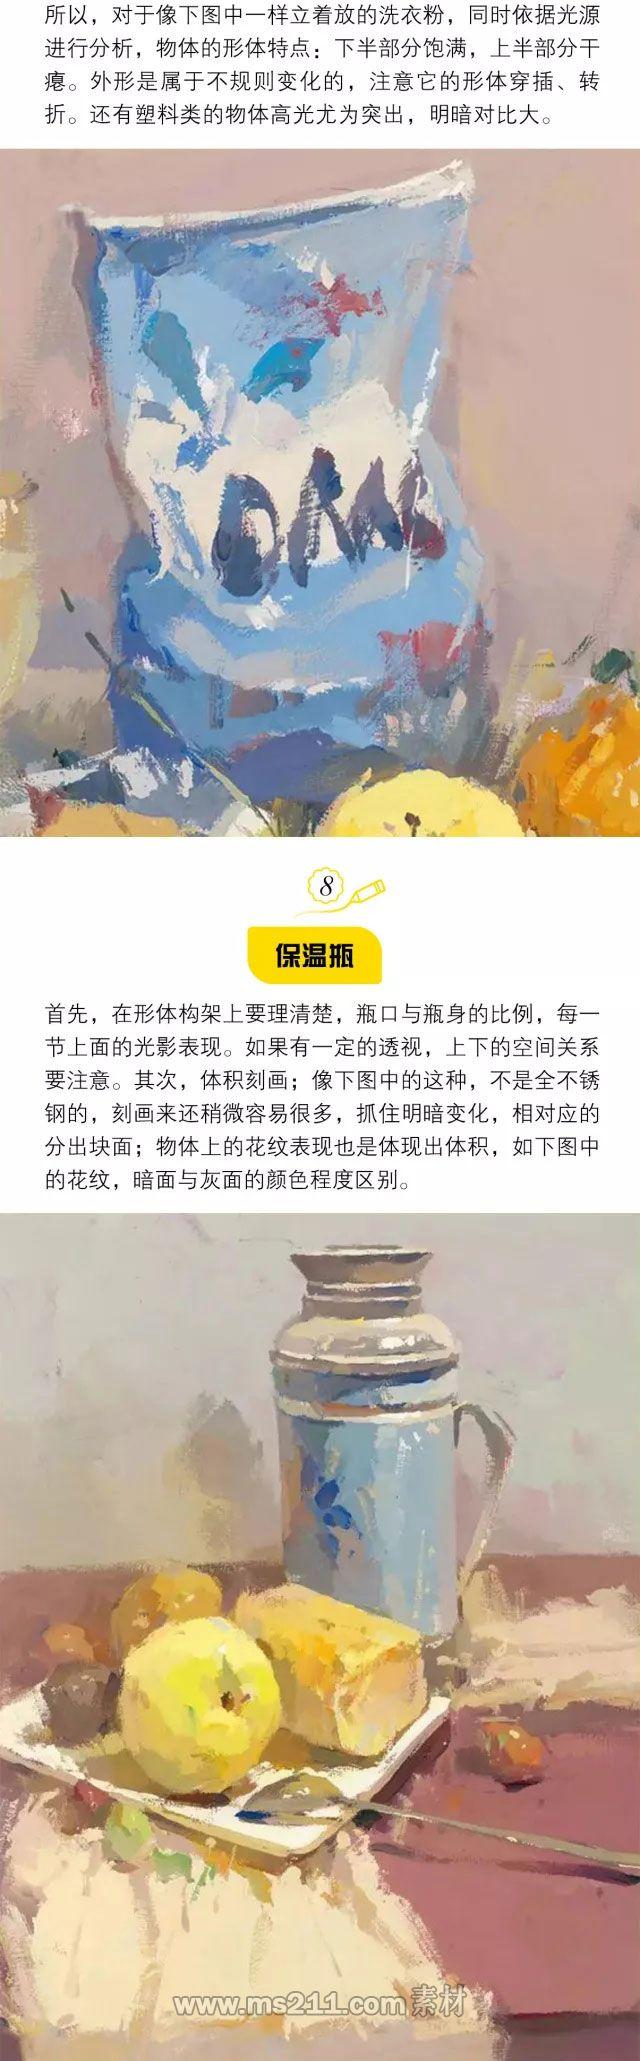 色彩静物:不常画的物体该怎么应对?(下)_02.jpg